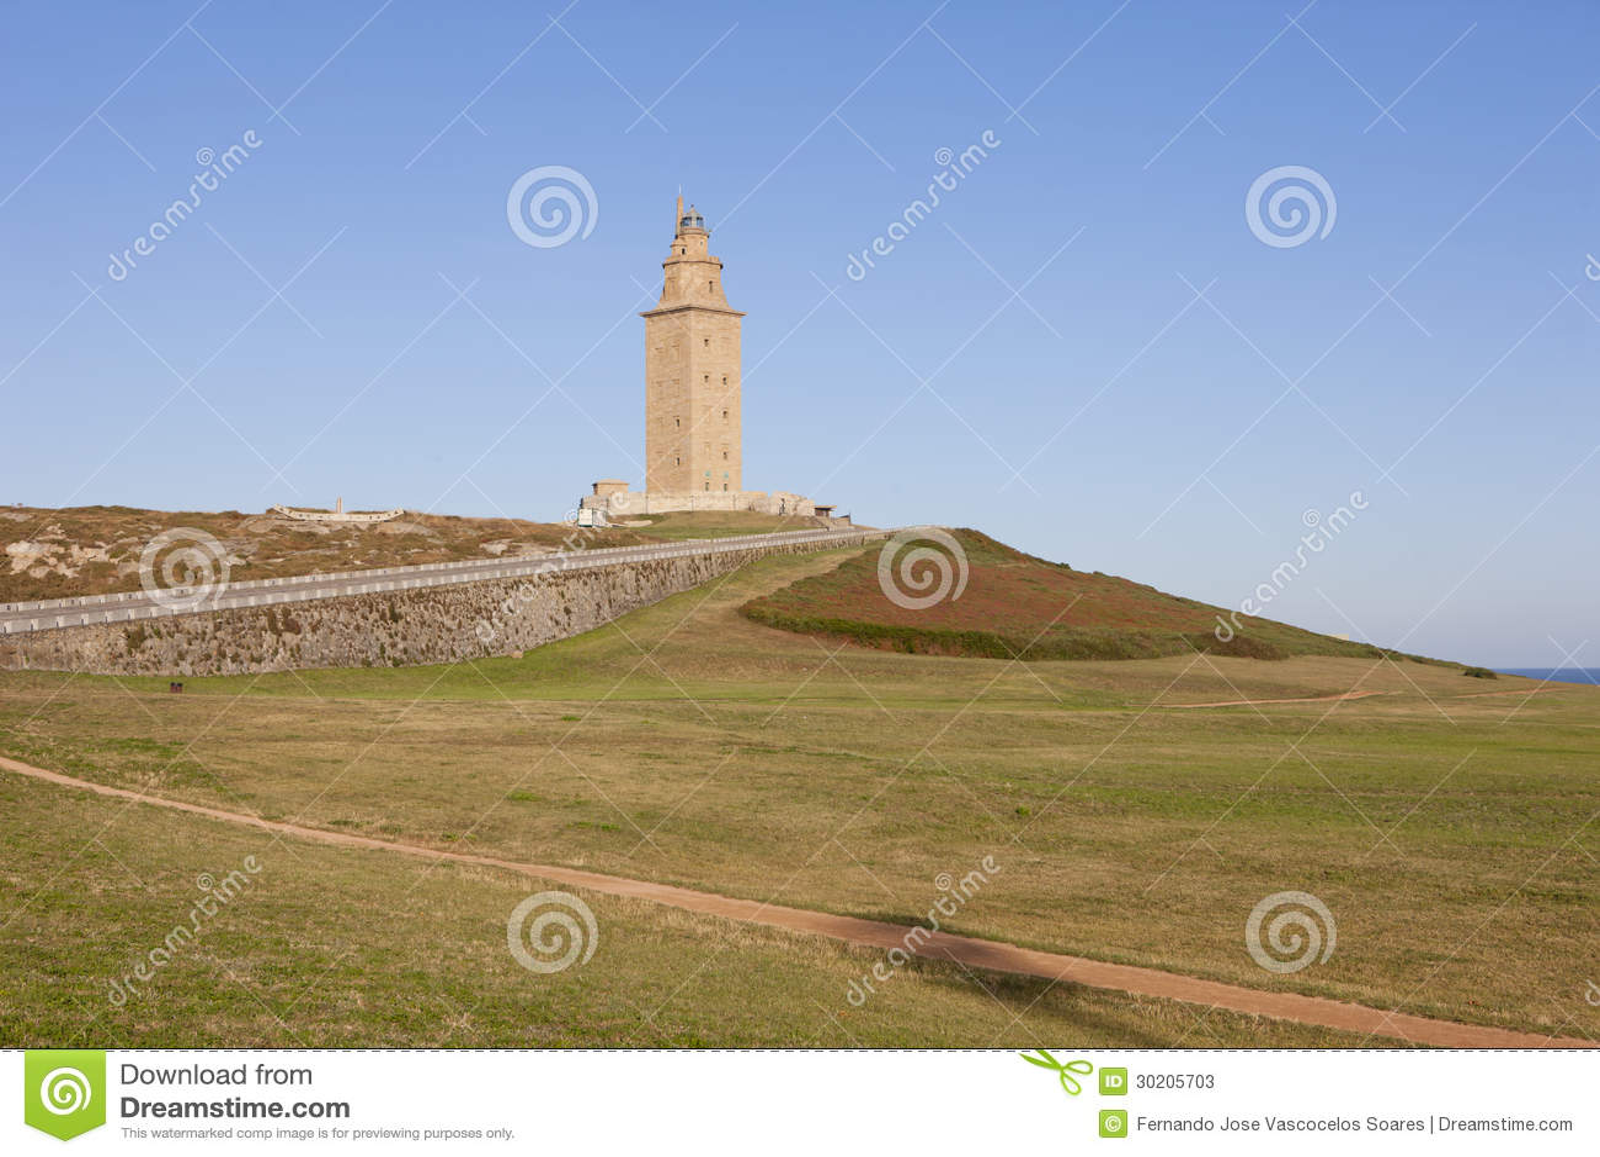 De toren van hercules